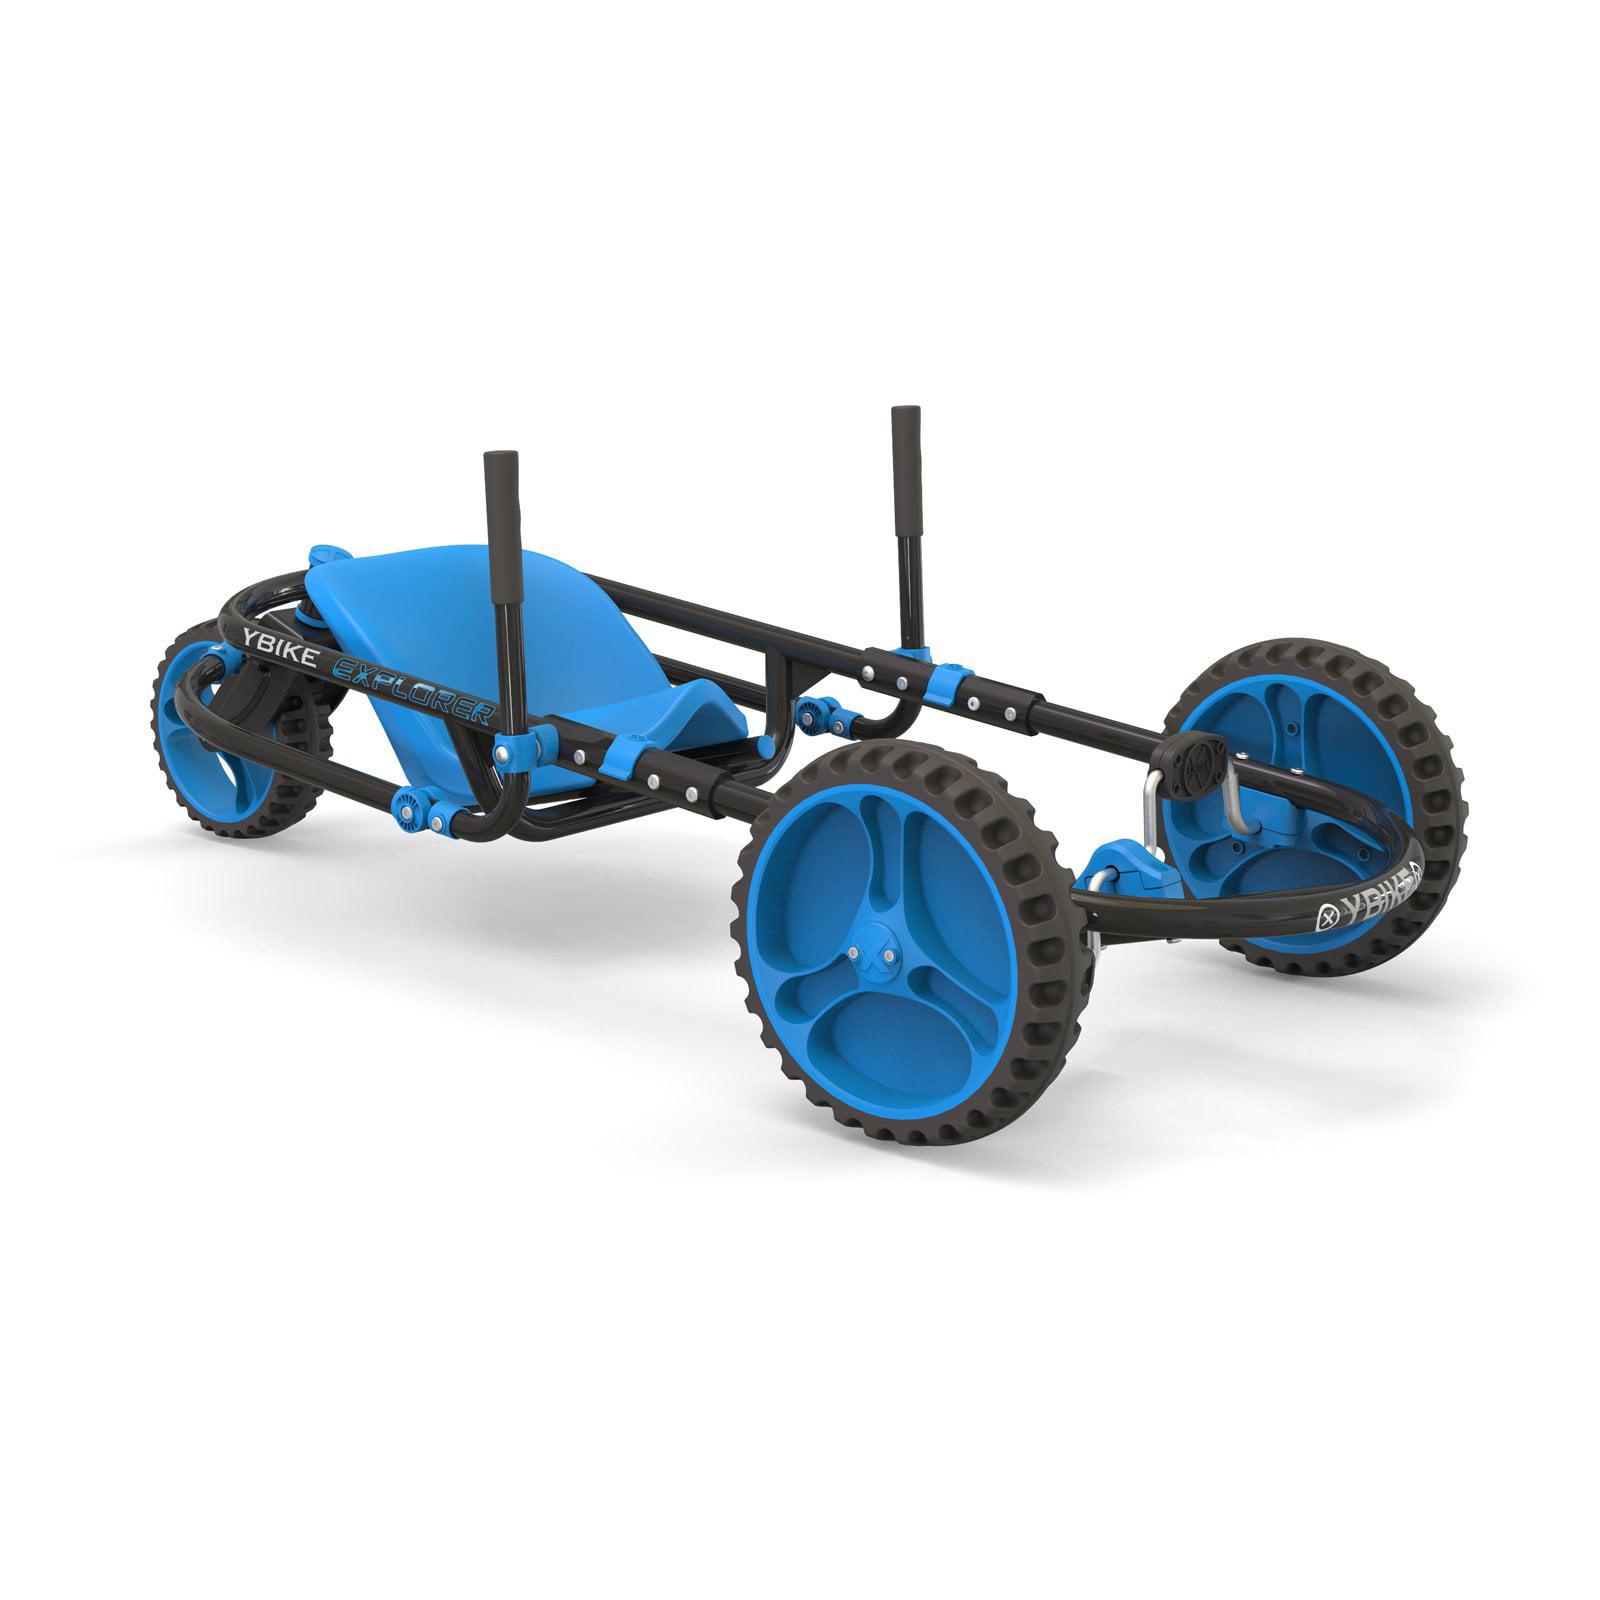 Ybike Explorer 3.0 Children's Pedal Go Kart, Blue/Black